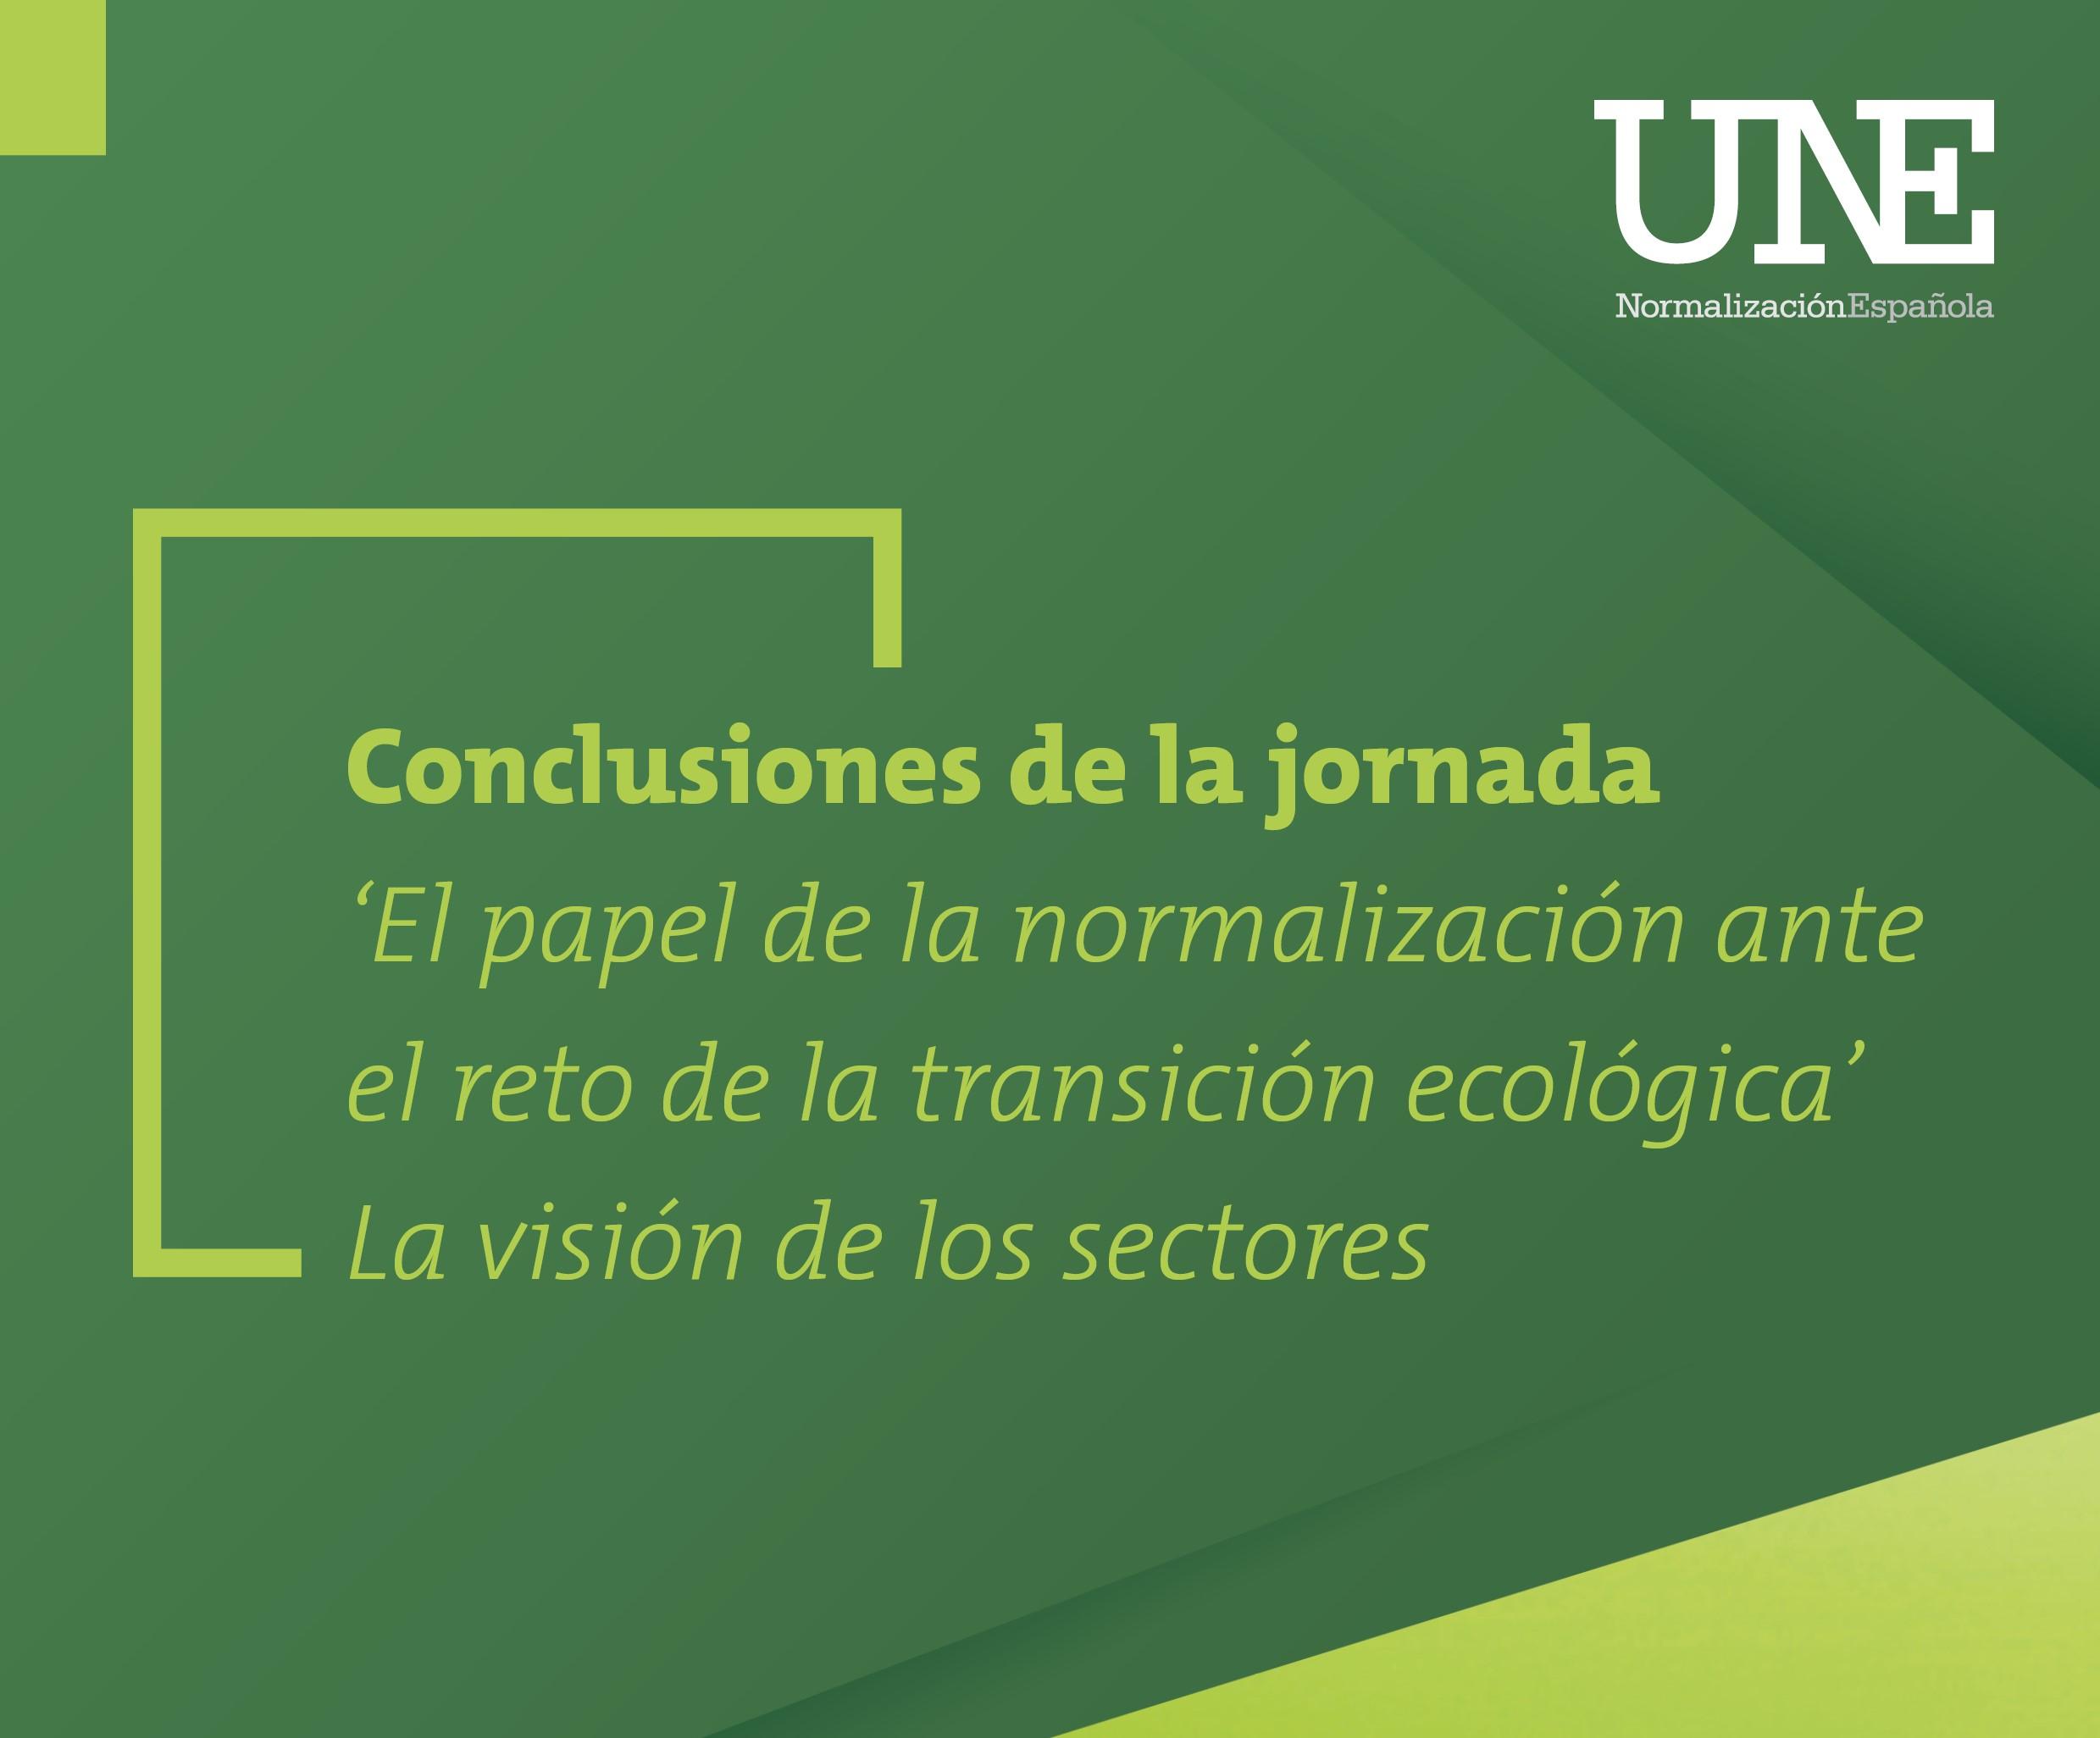 El papel de la normalización ante el reto de la transición ecológica